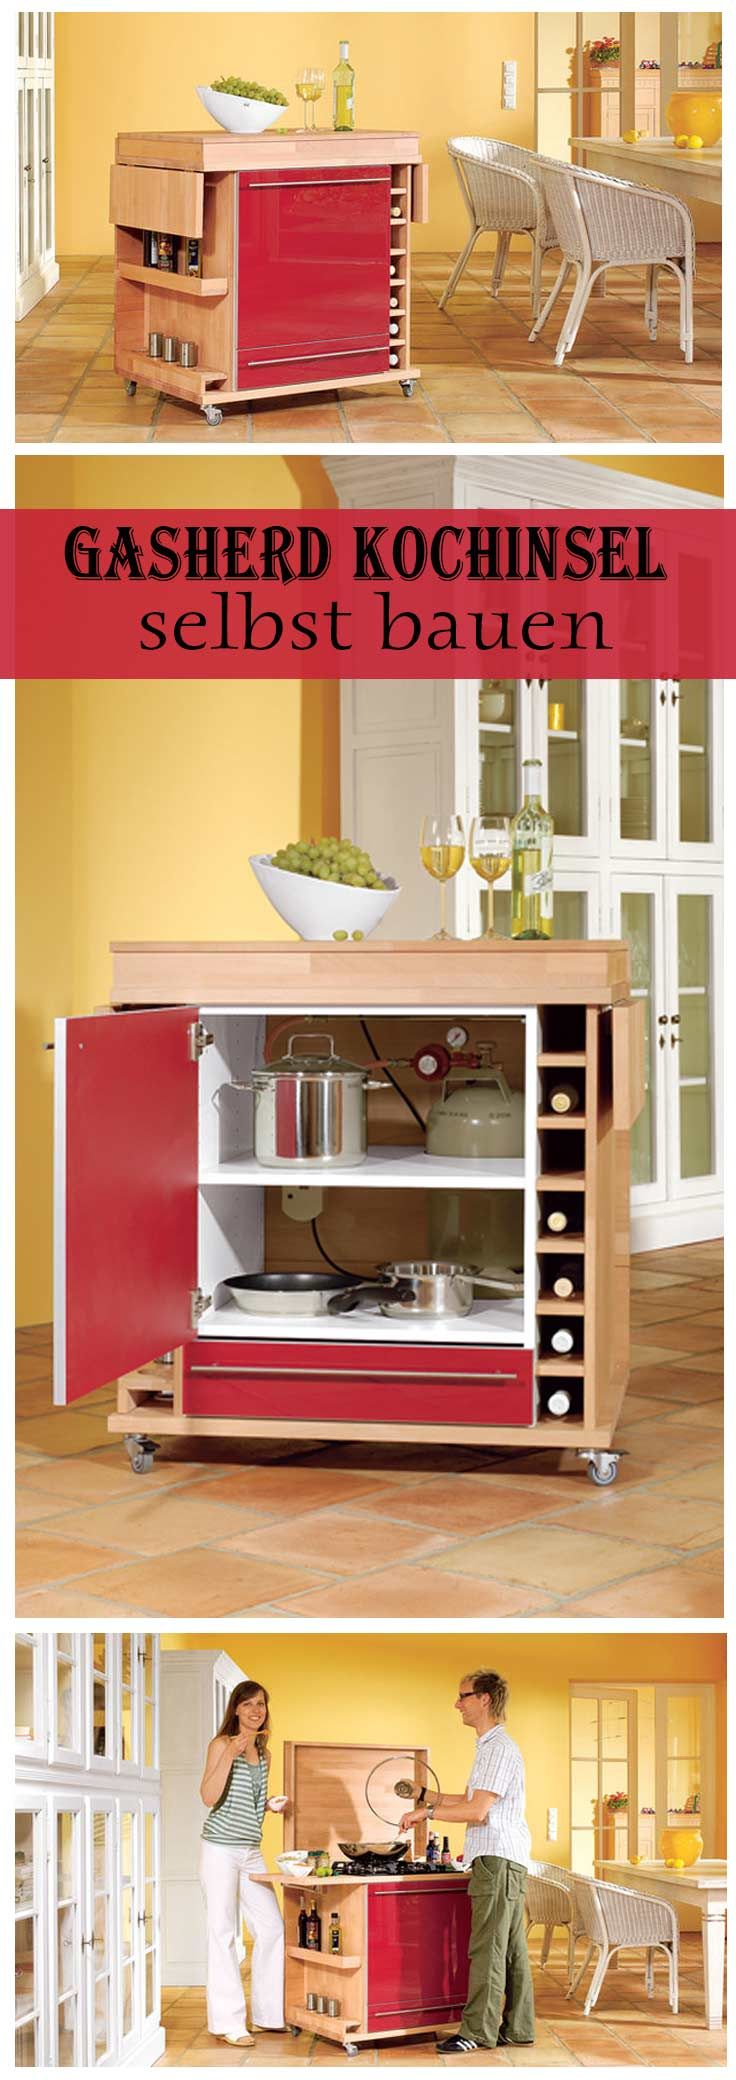 Mit einer mobilen kochinsel kann man kochen wo man will die insel ist mit